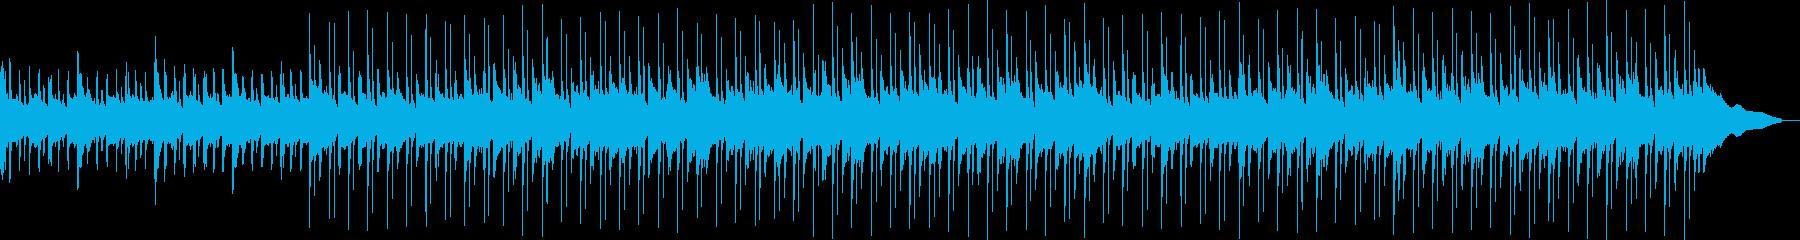 おとぼけでコミカルなカートゥーン 系の再生済みの波形